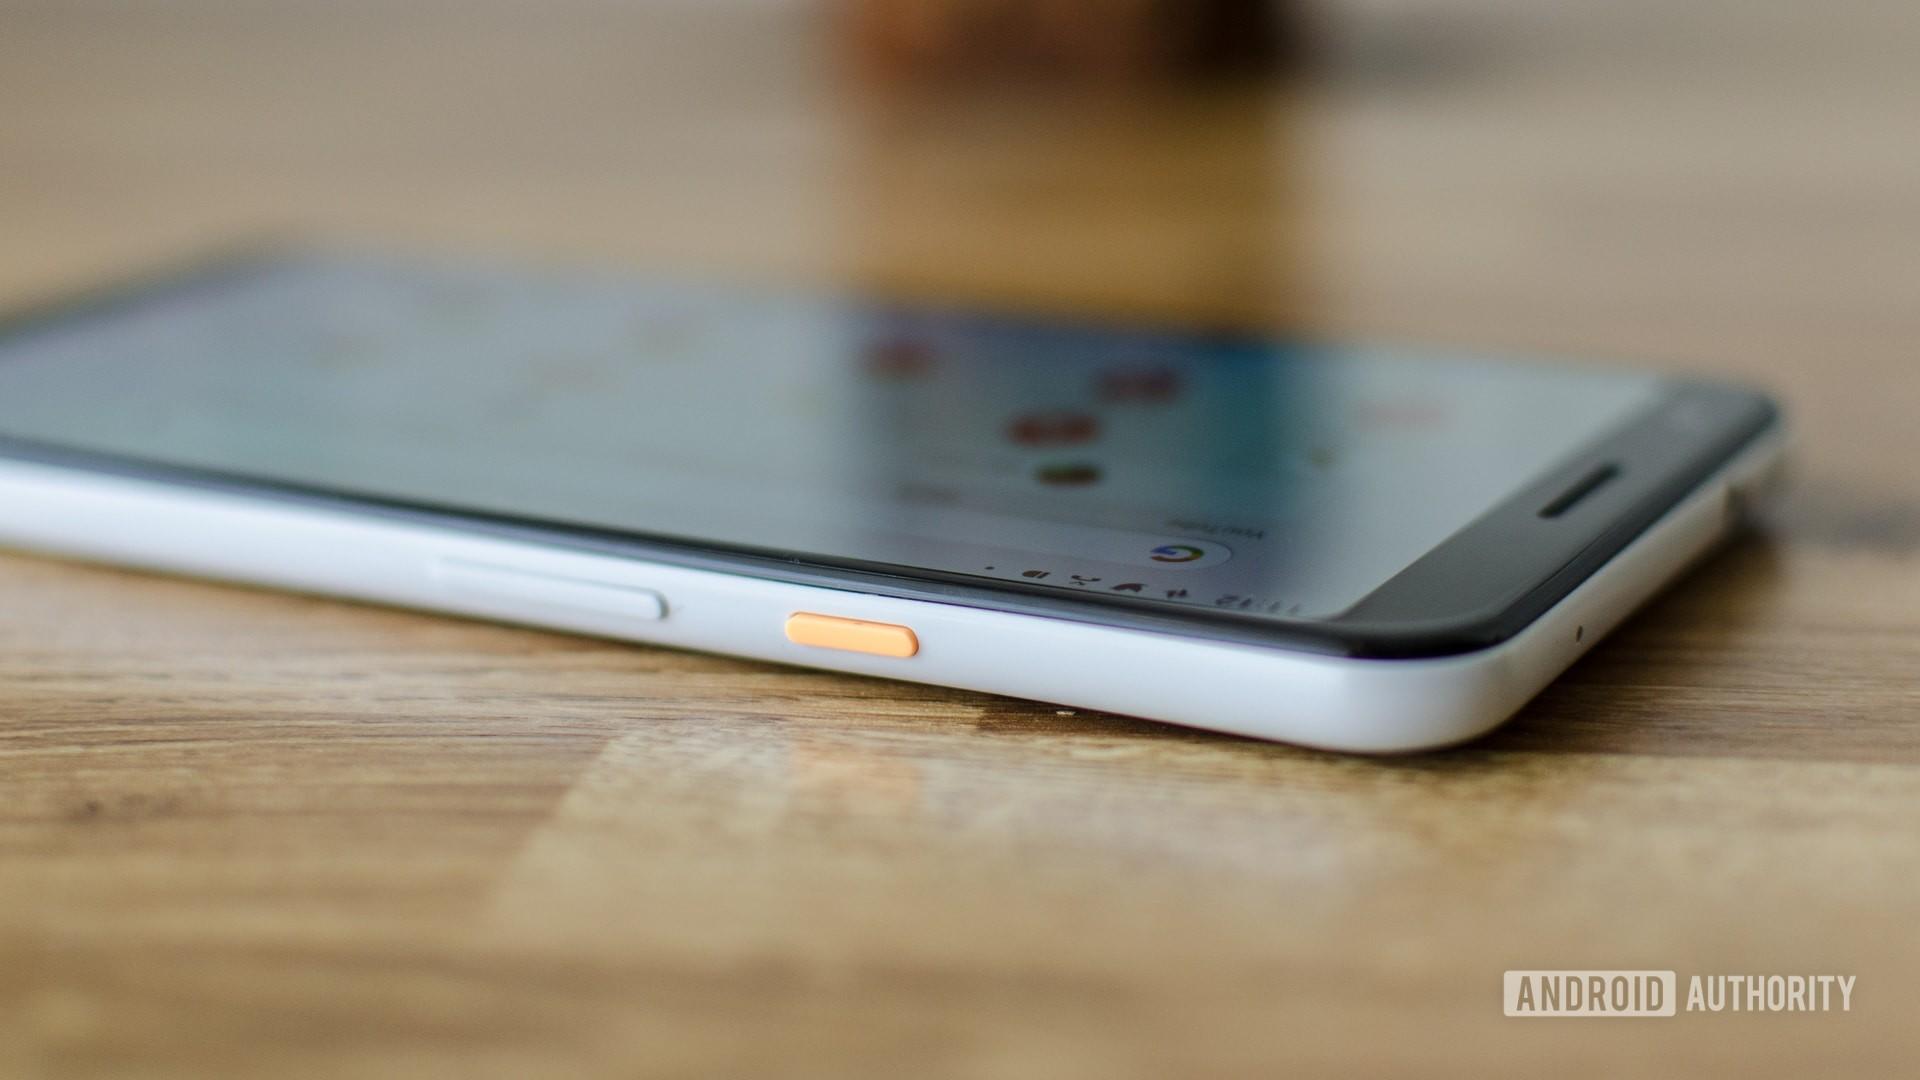 Google Pixel 3a XL side power button orange